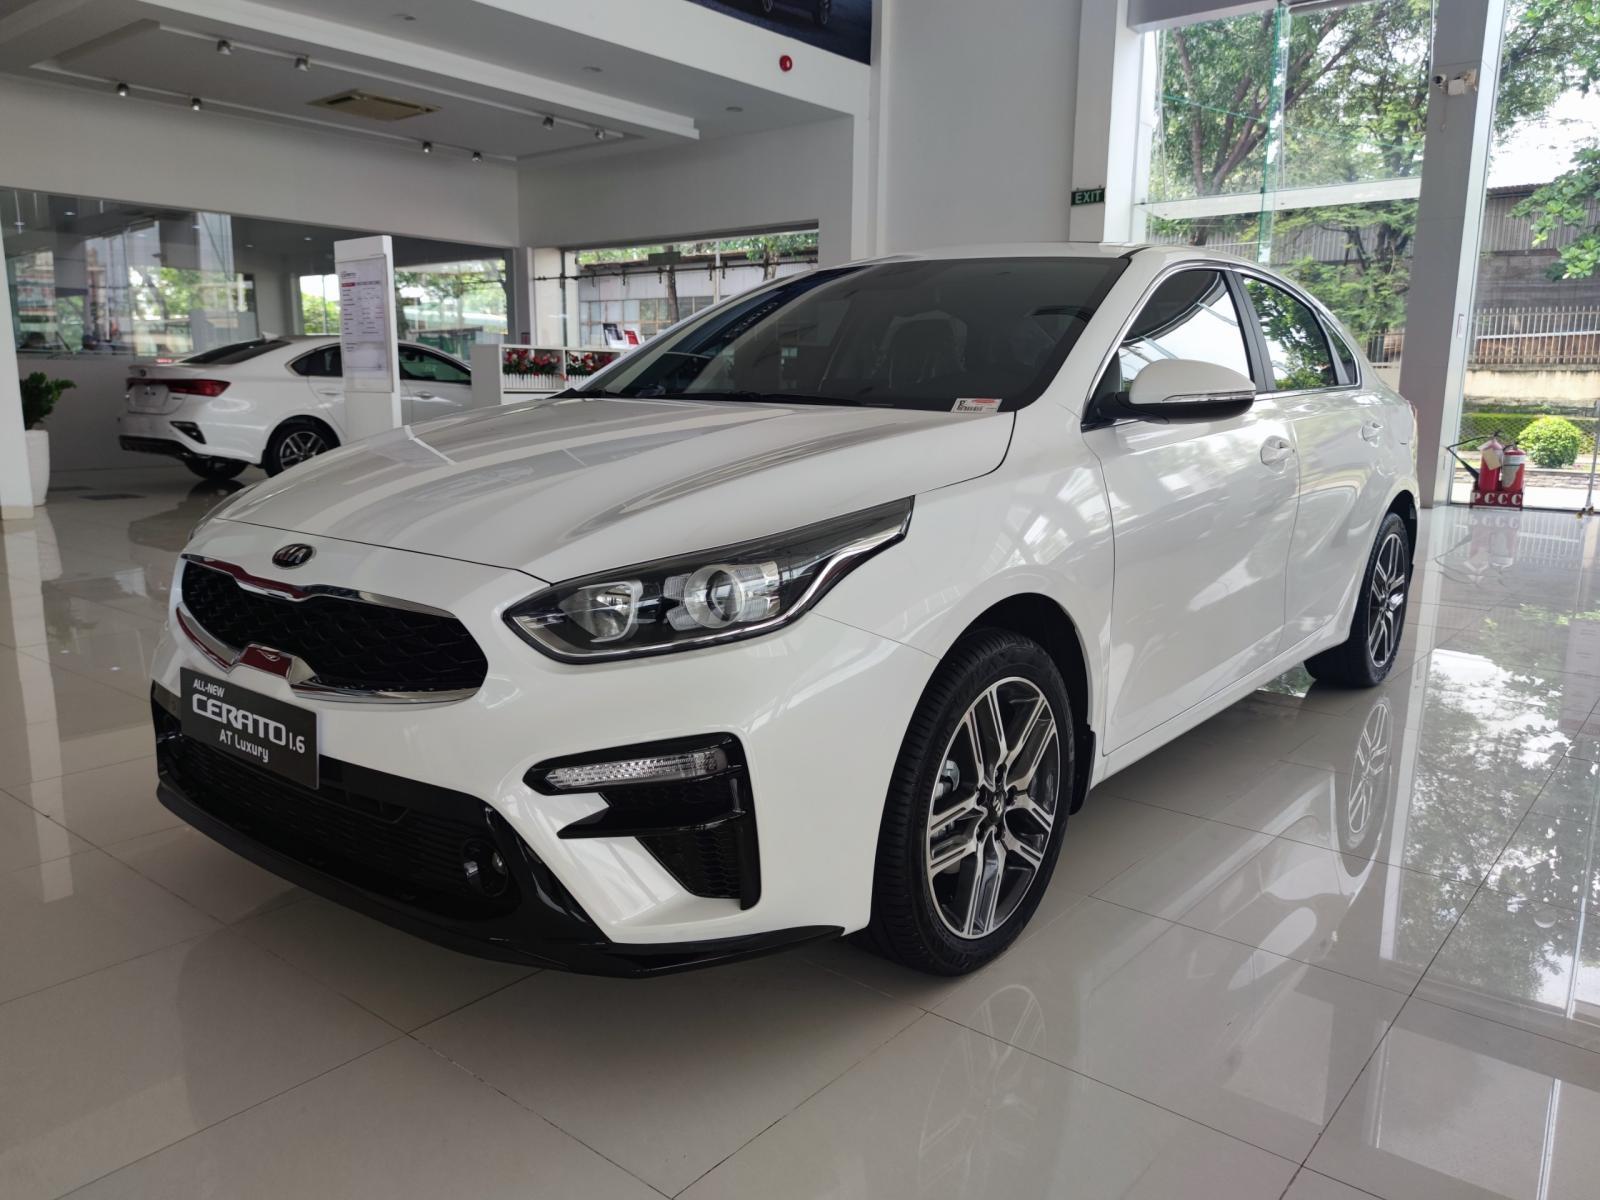 Kia Cerato khuyến mãi khủng tháng 7 chỉ từ 499 triệu,giá tốt tại Kia Bình Phước